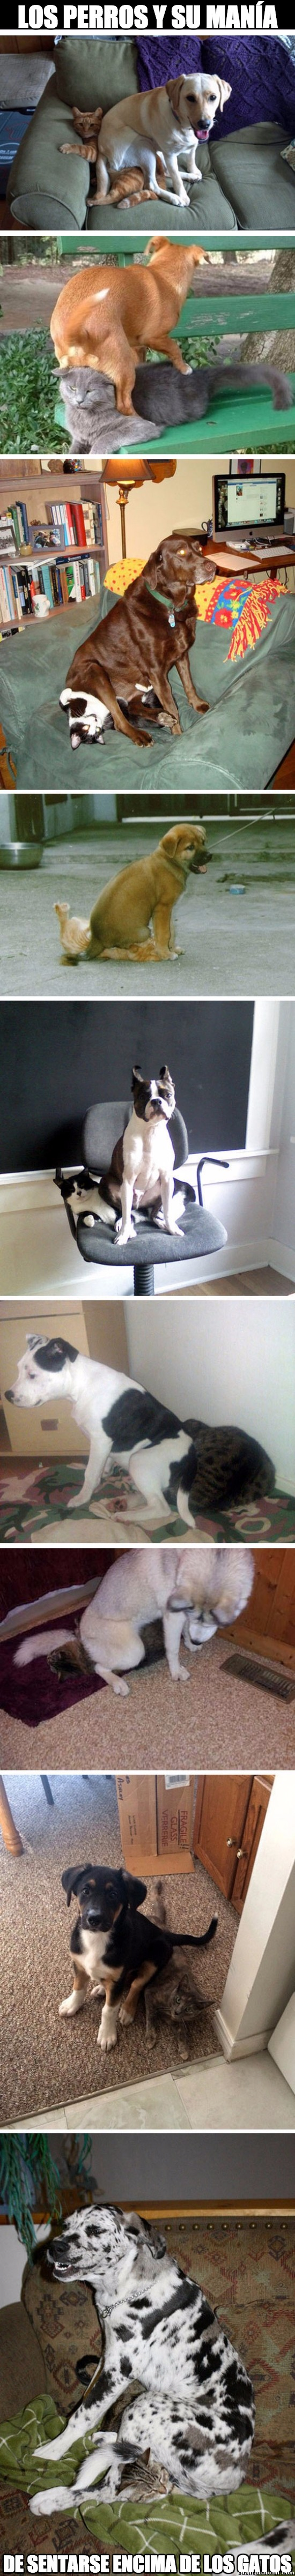 Meme_otros - ¿Alguna vez te habías fijado en esta manía de los perros?